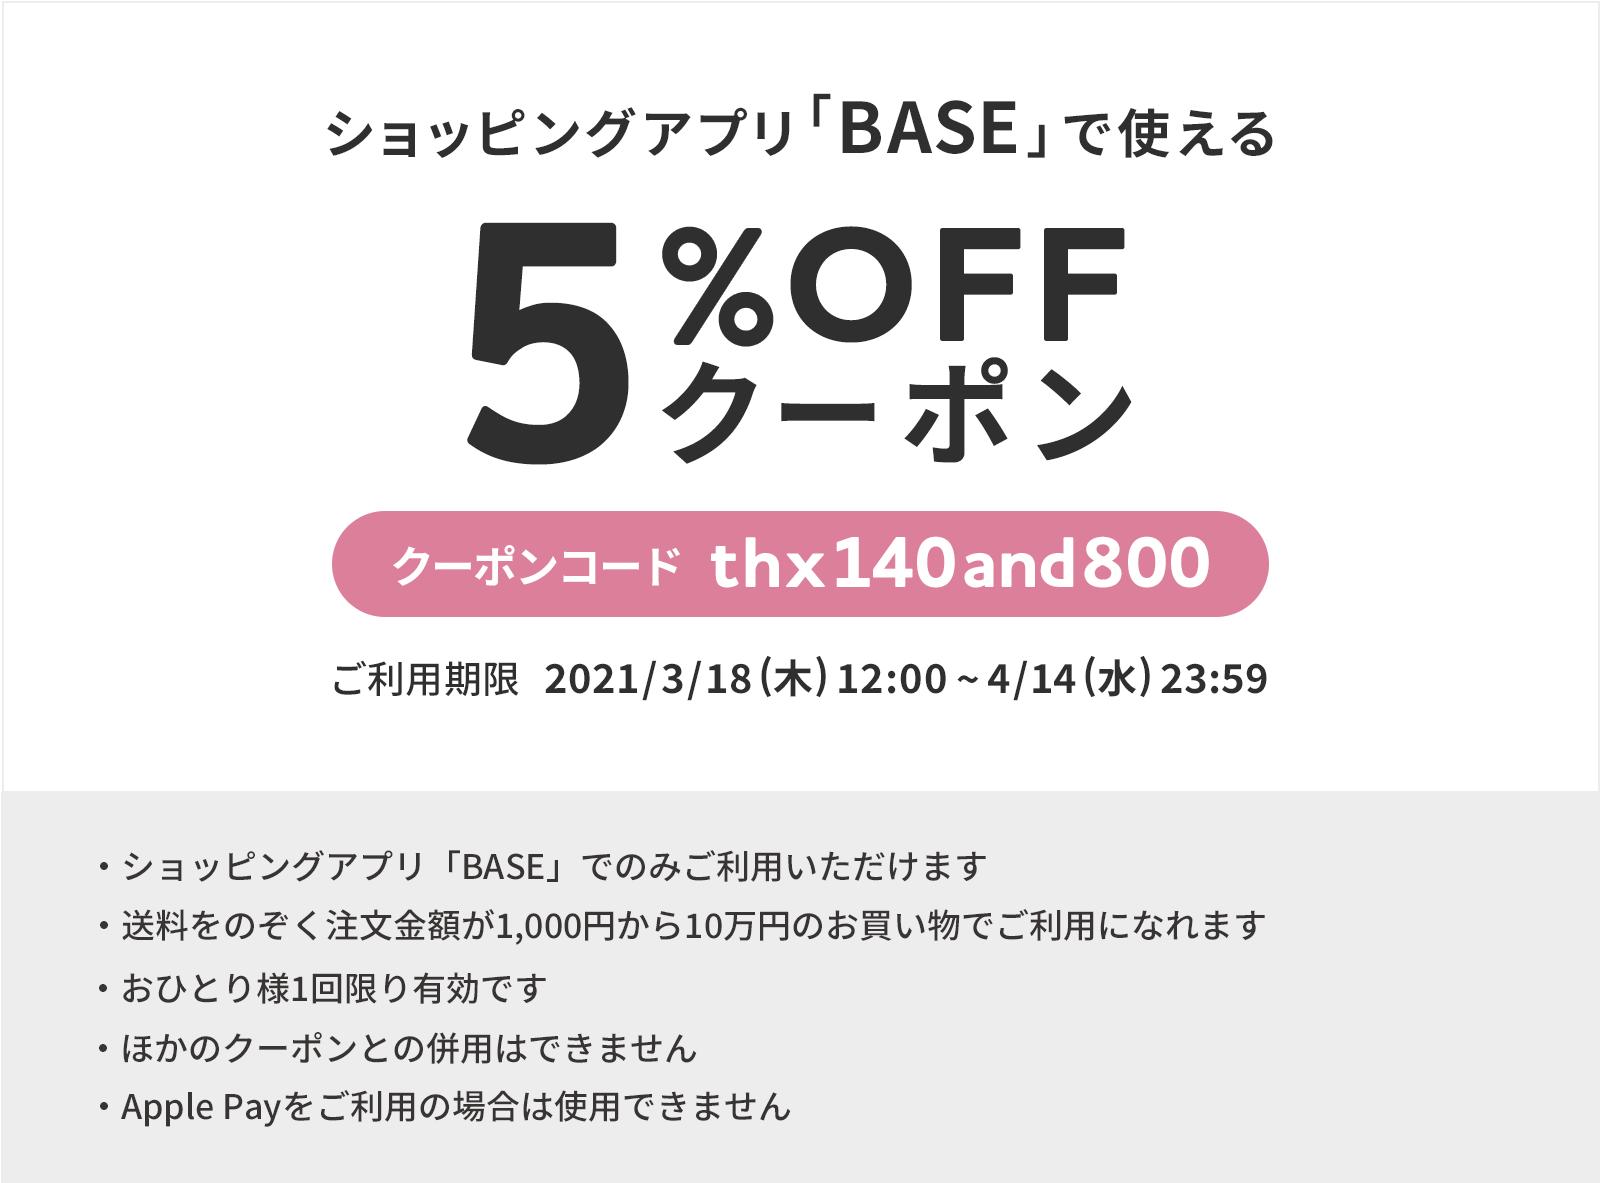 BASE shopで使える5%オフクーポンコード!